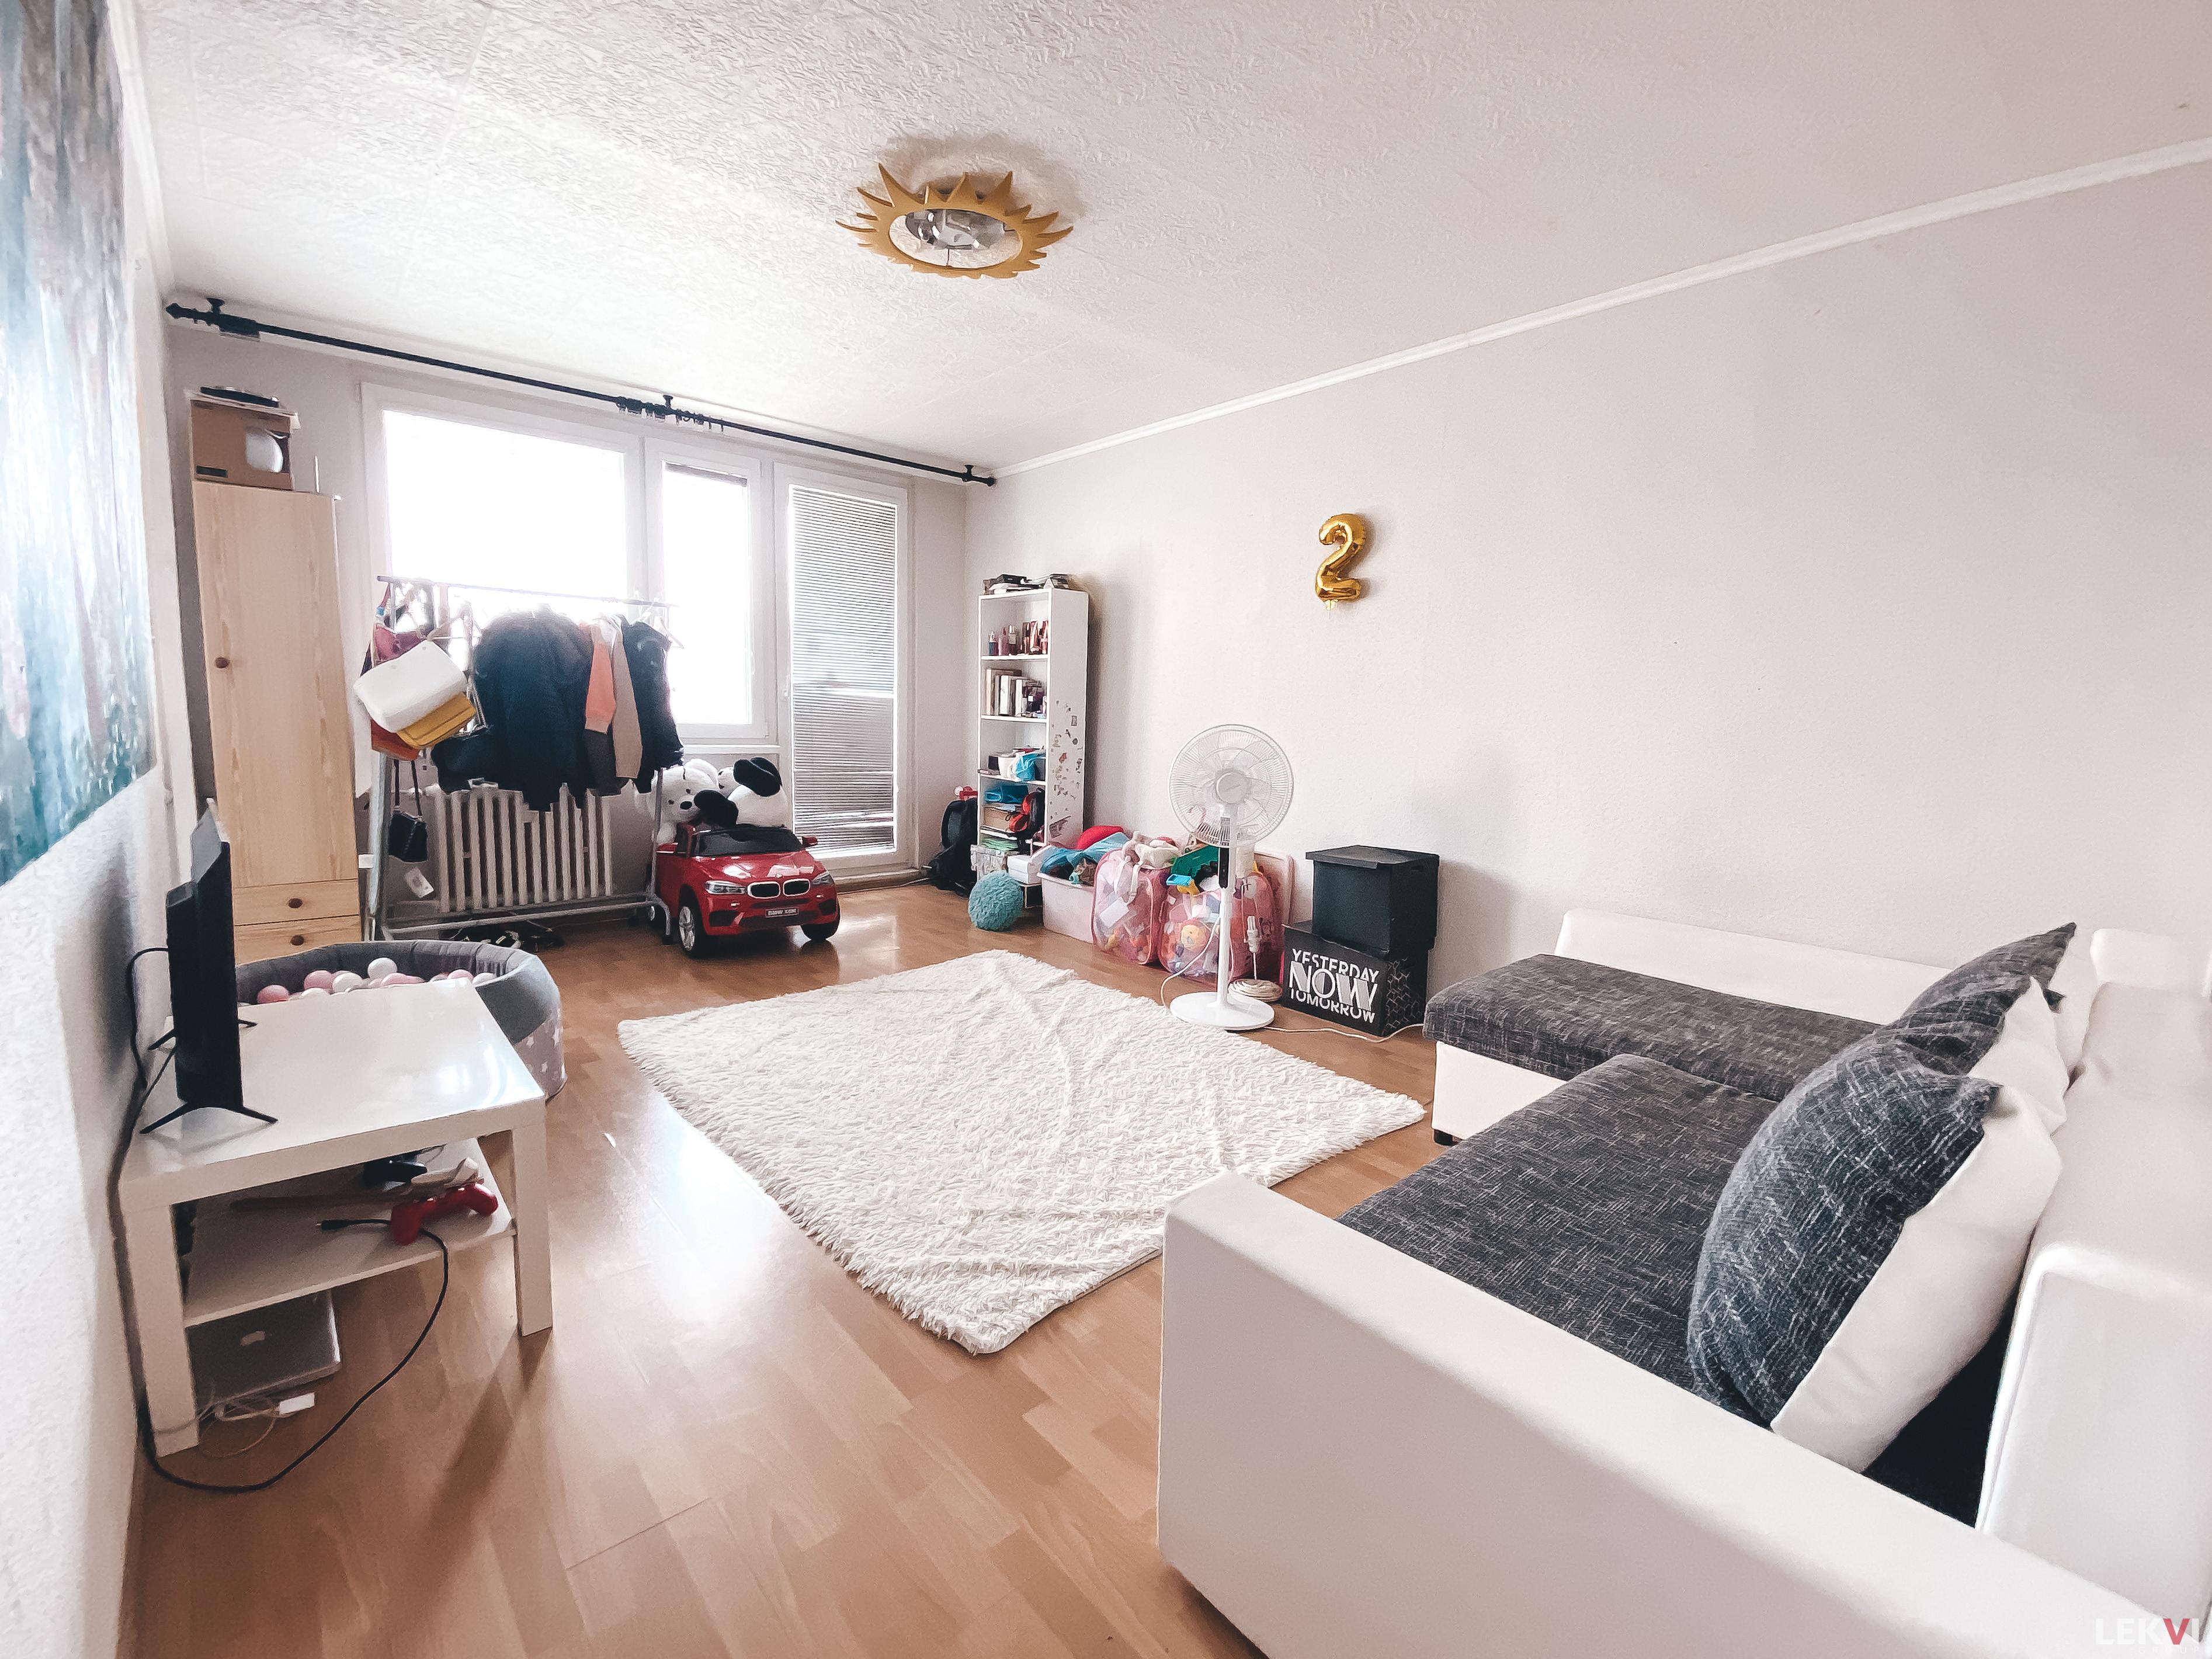 Pronájem bytu 3+1, 74 m2 - Suchý vršek, Praha 13